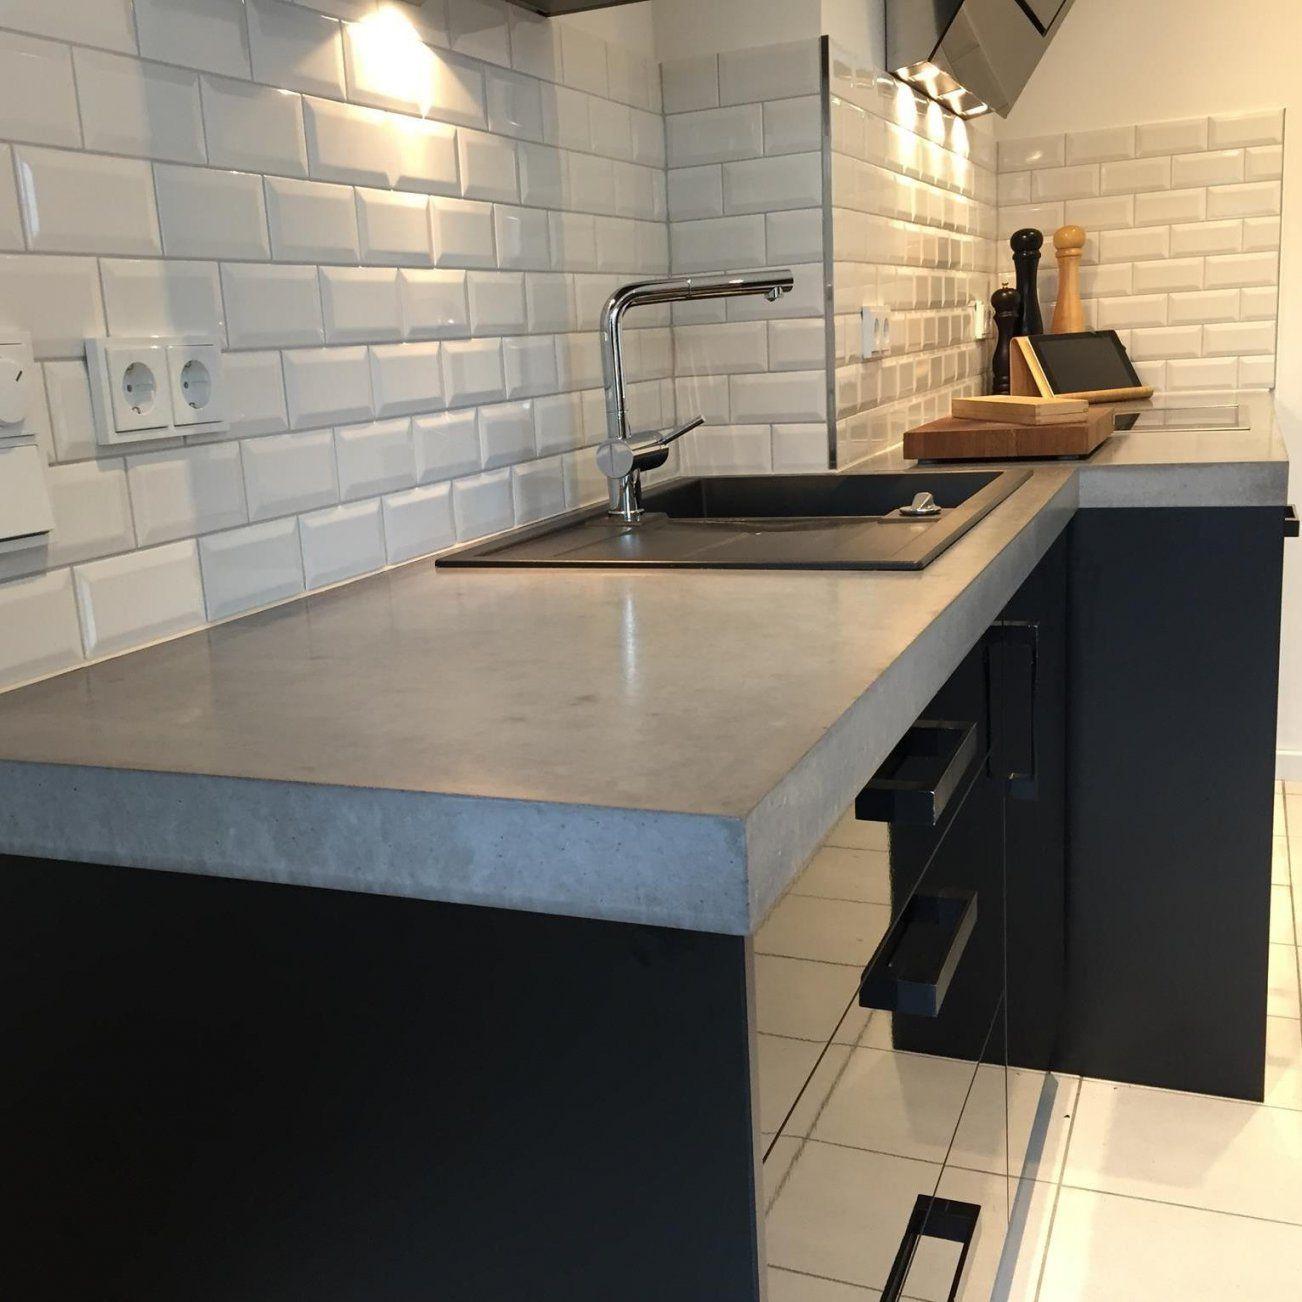 Küche Selber Bauen Beton  Olegoff von Beton Küche Selber Bauen Photo